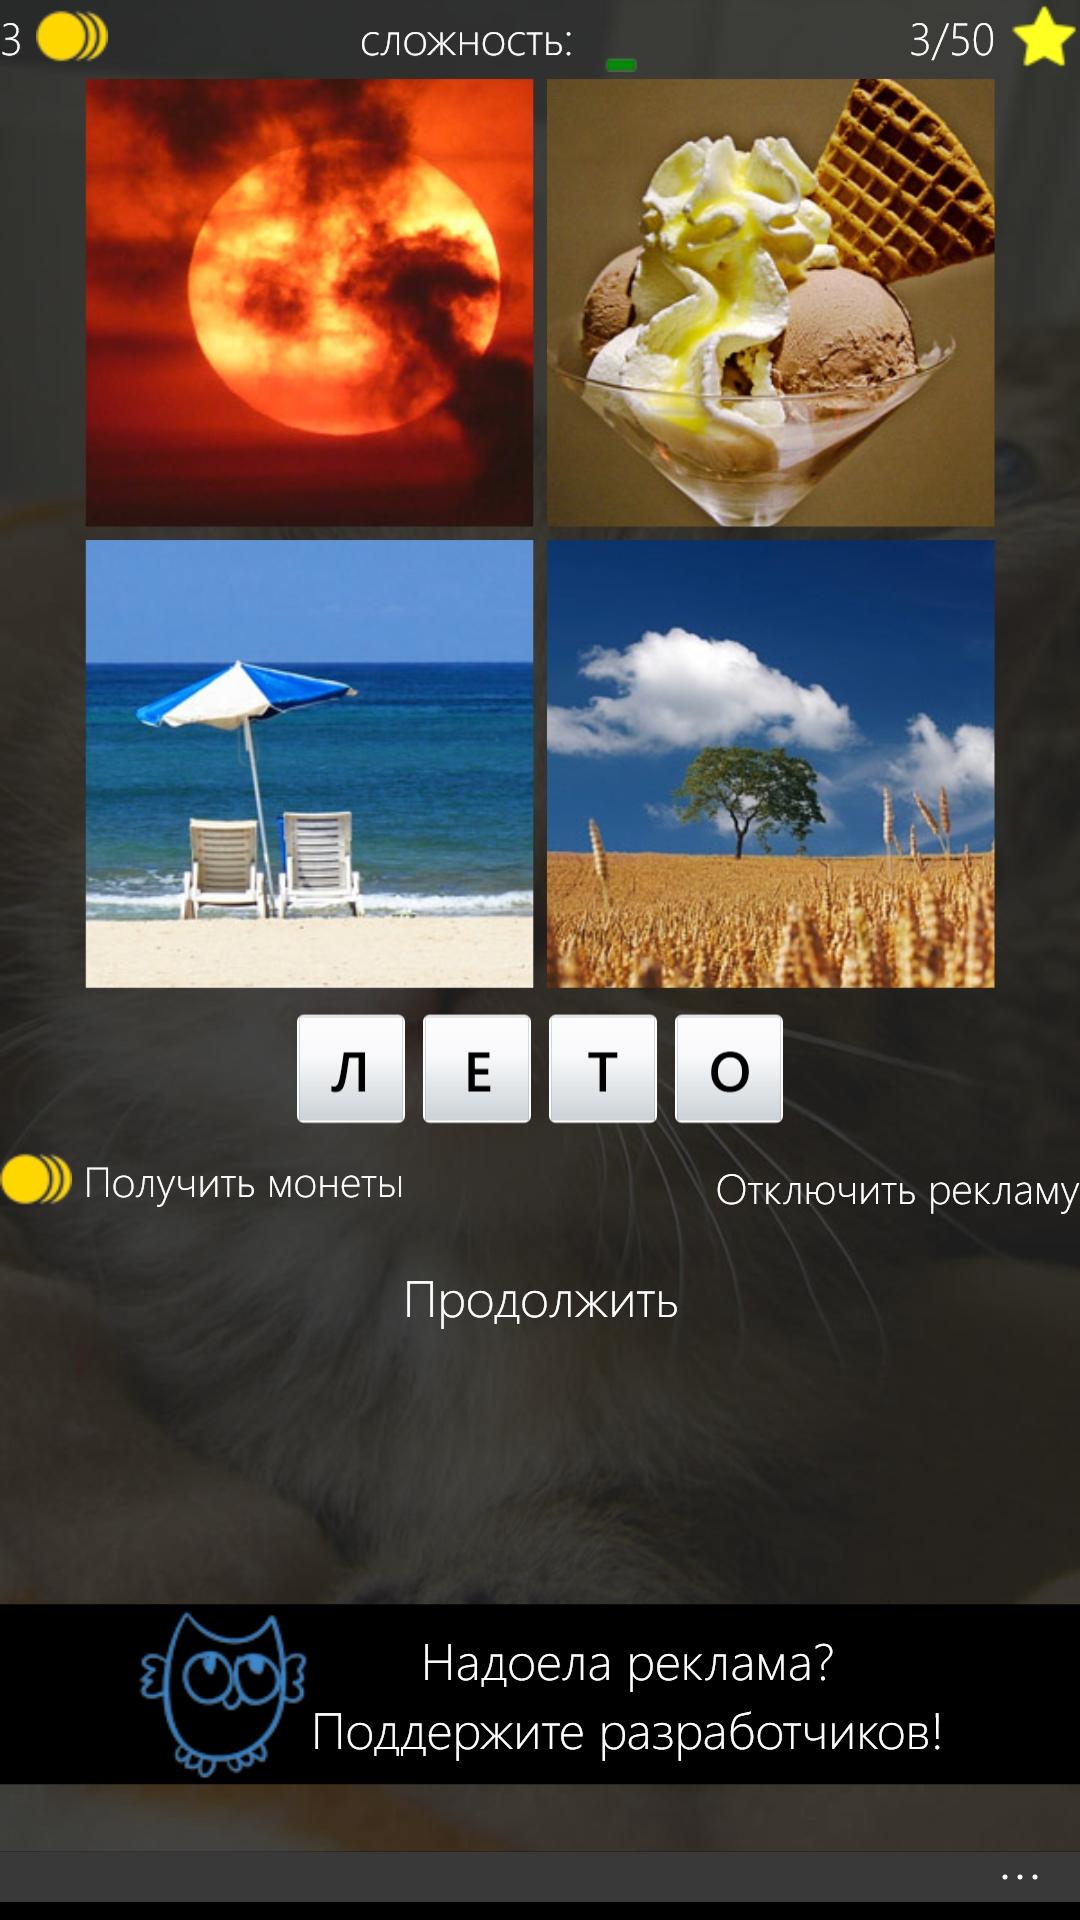 этой категории ответы к игре два фото одно слово постсоветской традиции использовать